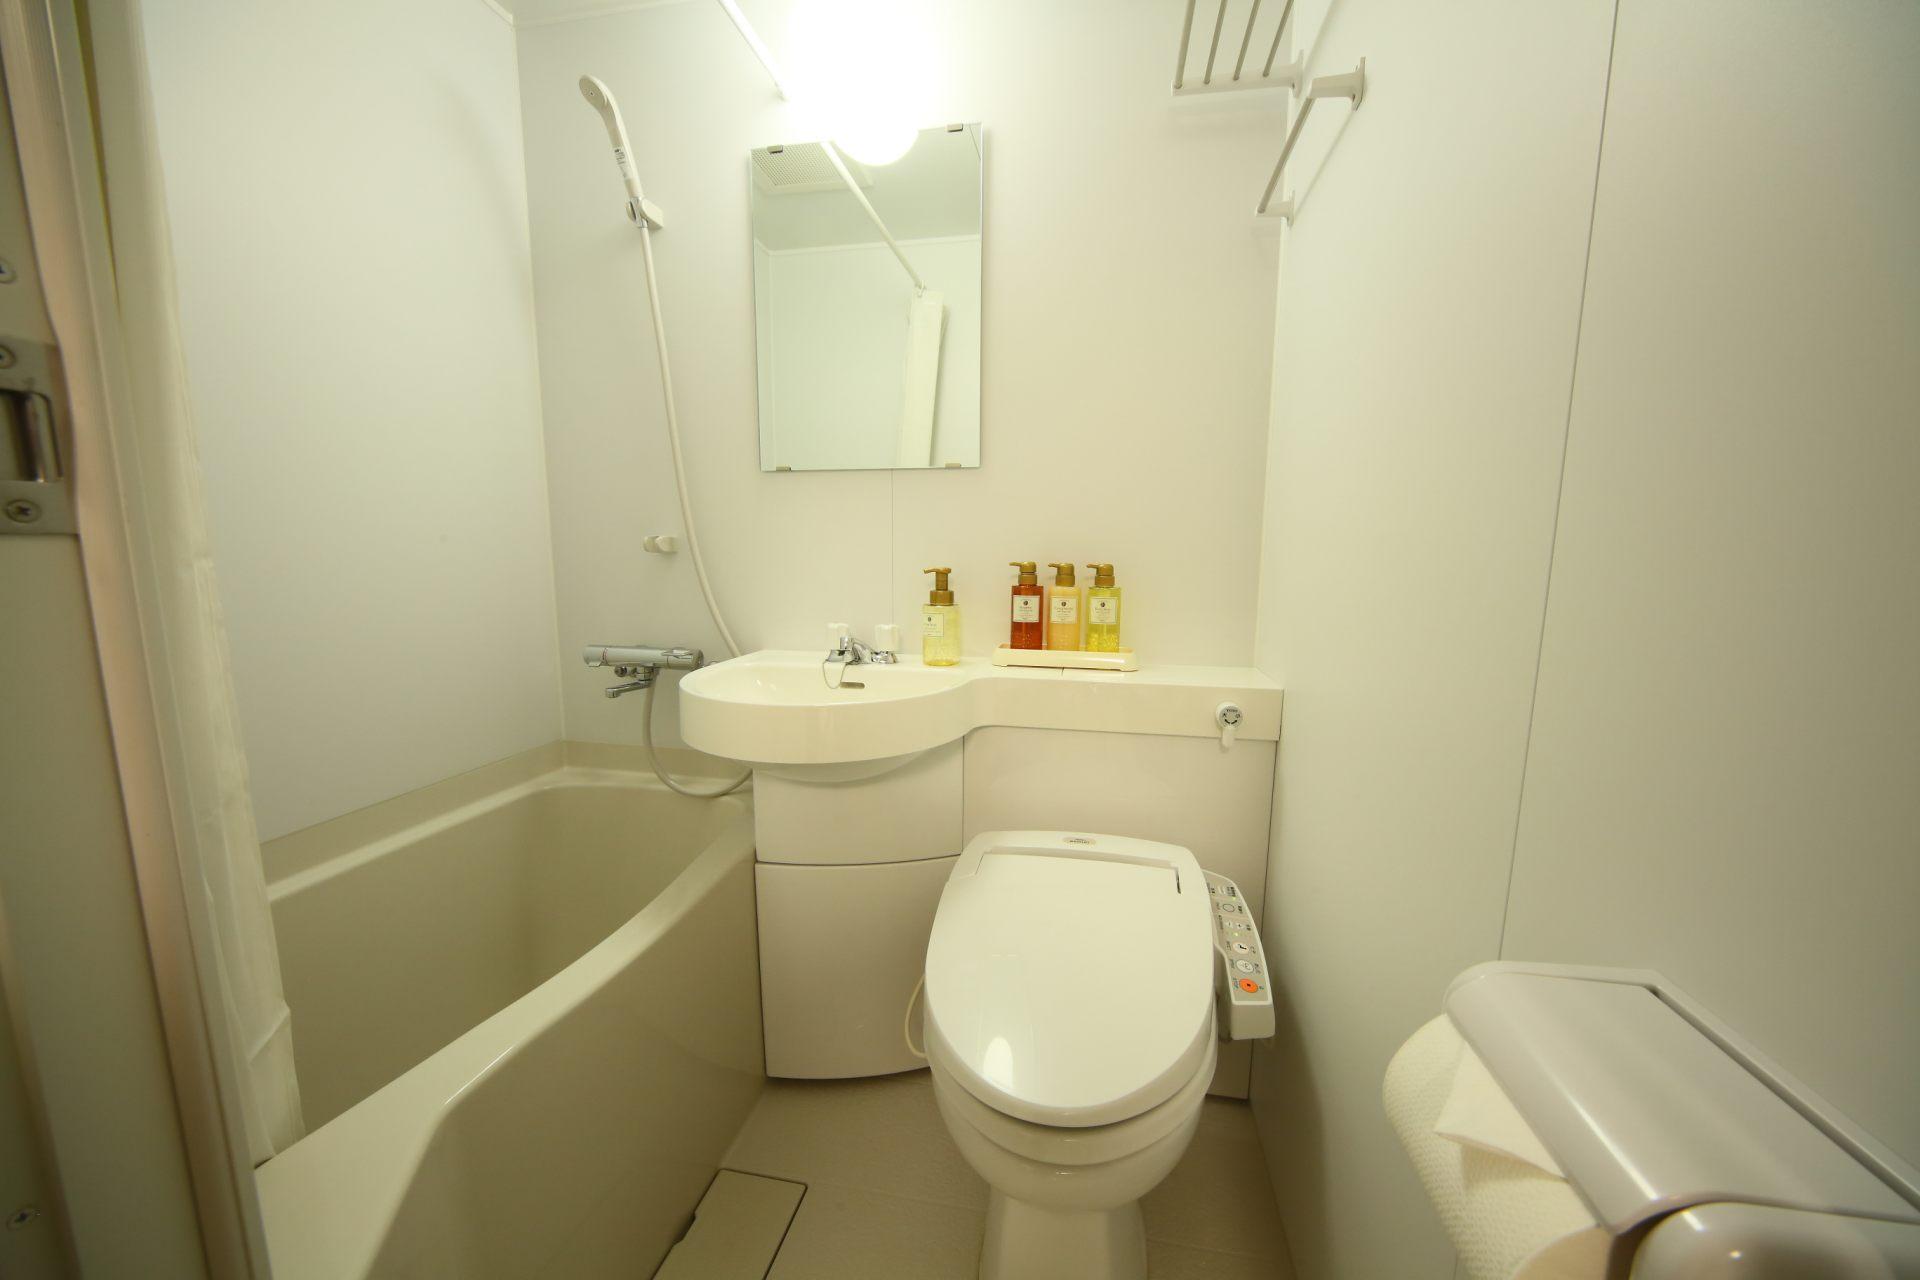 個人房的淋浴設備